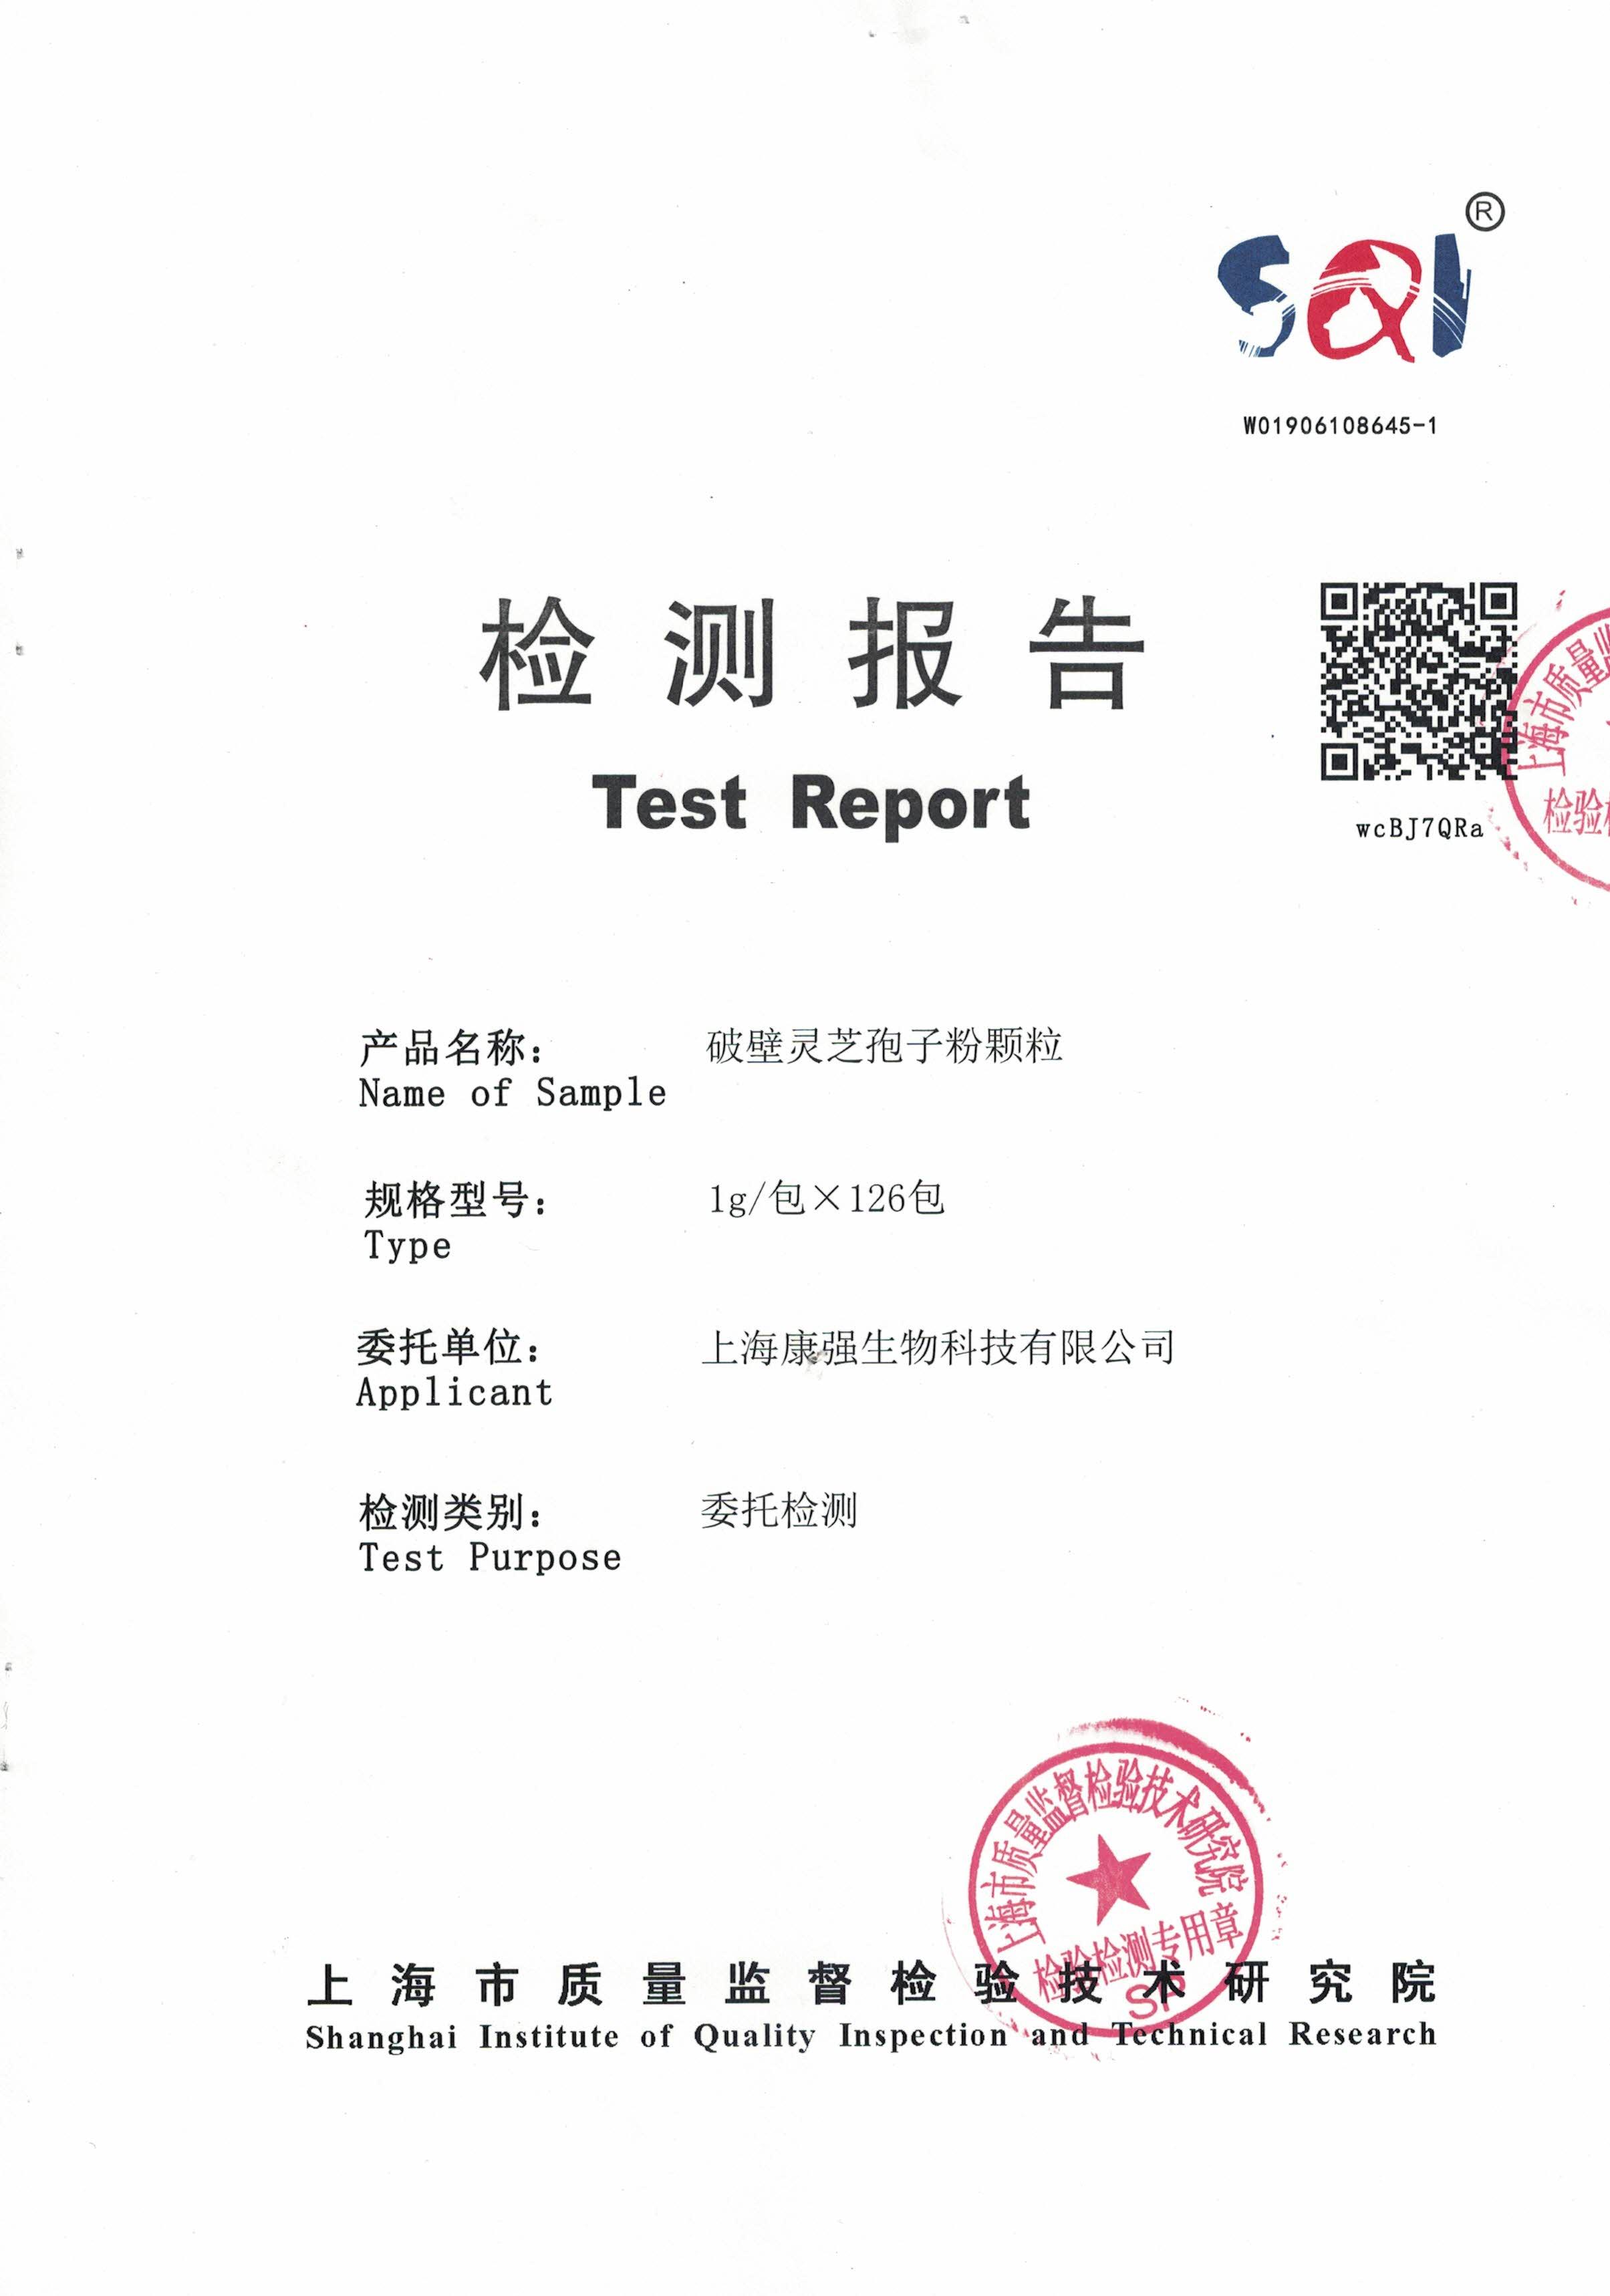 2019年菇新破壁灵芝孢子粉颗粒 有效成分检测报告